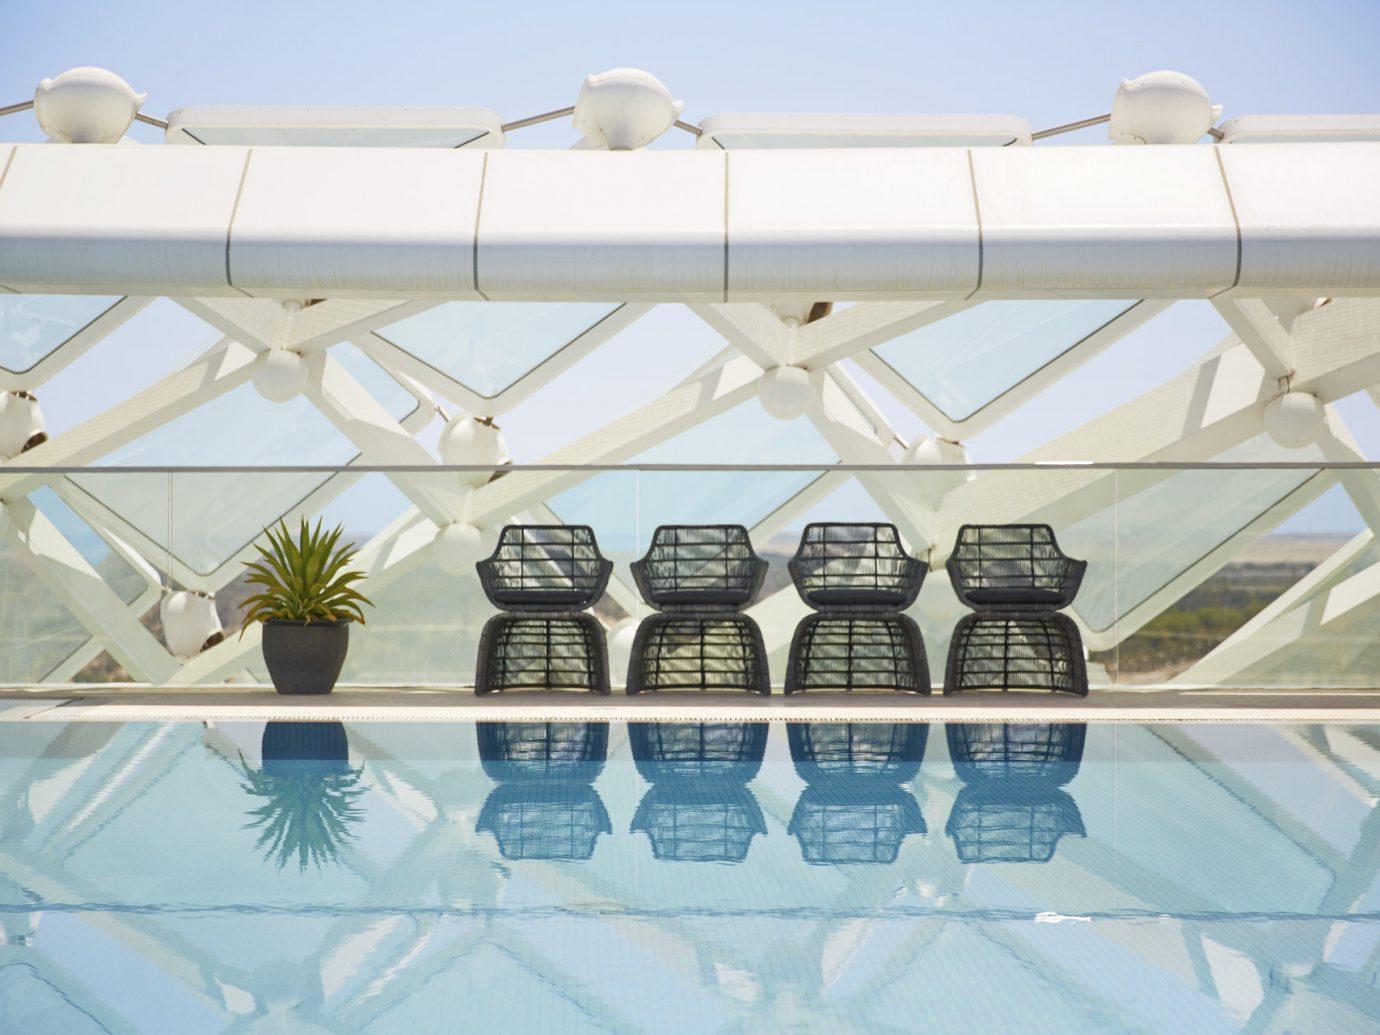 Hotels indoor daylighting lighting baluster ceiling Design glass furniture several